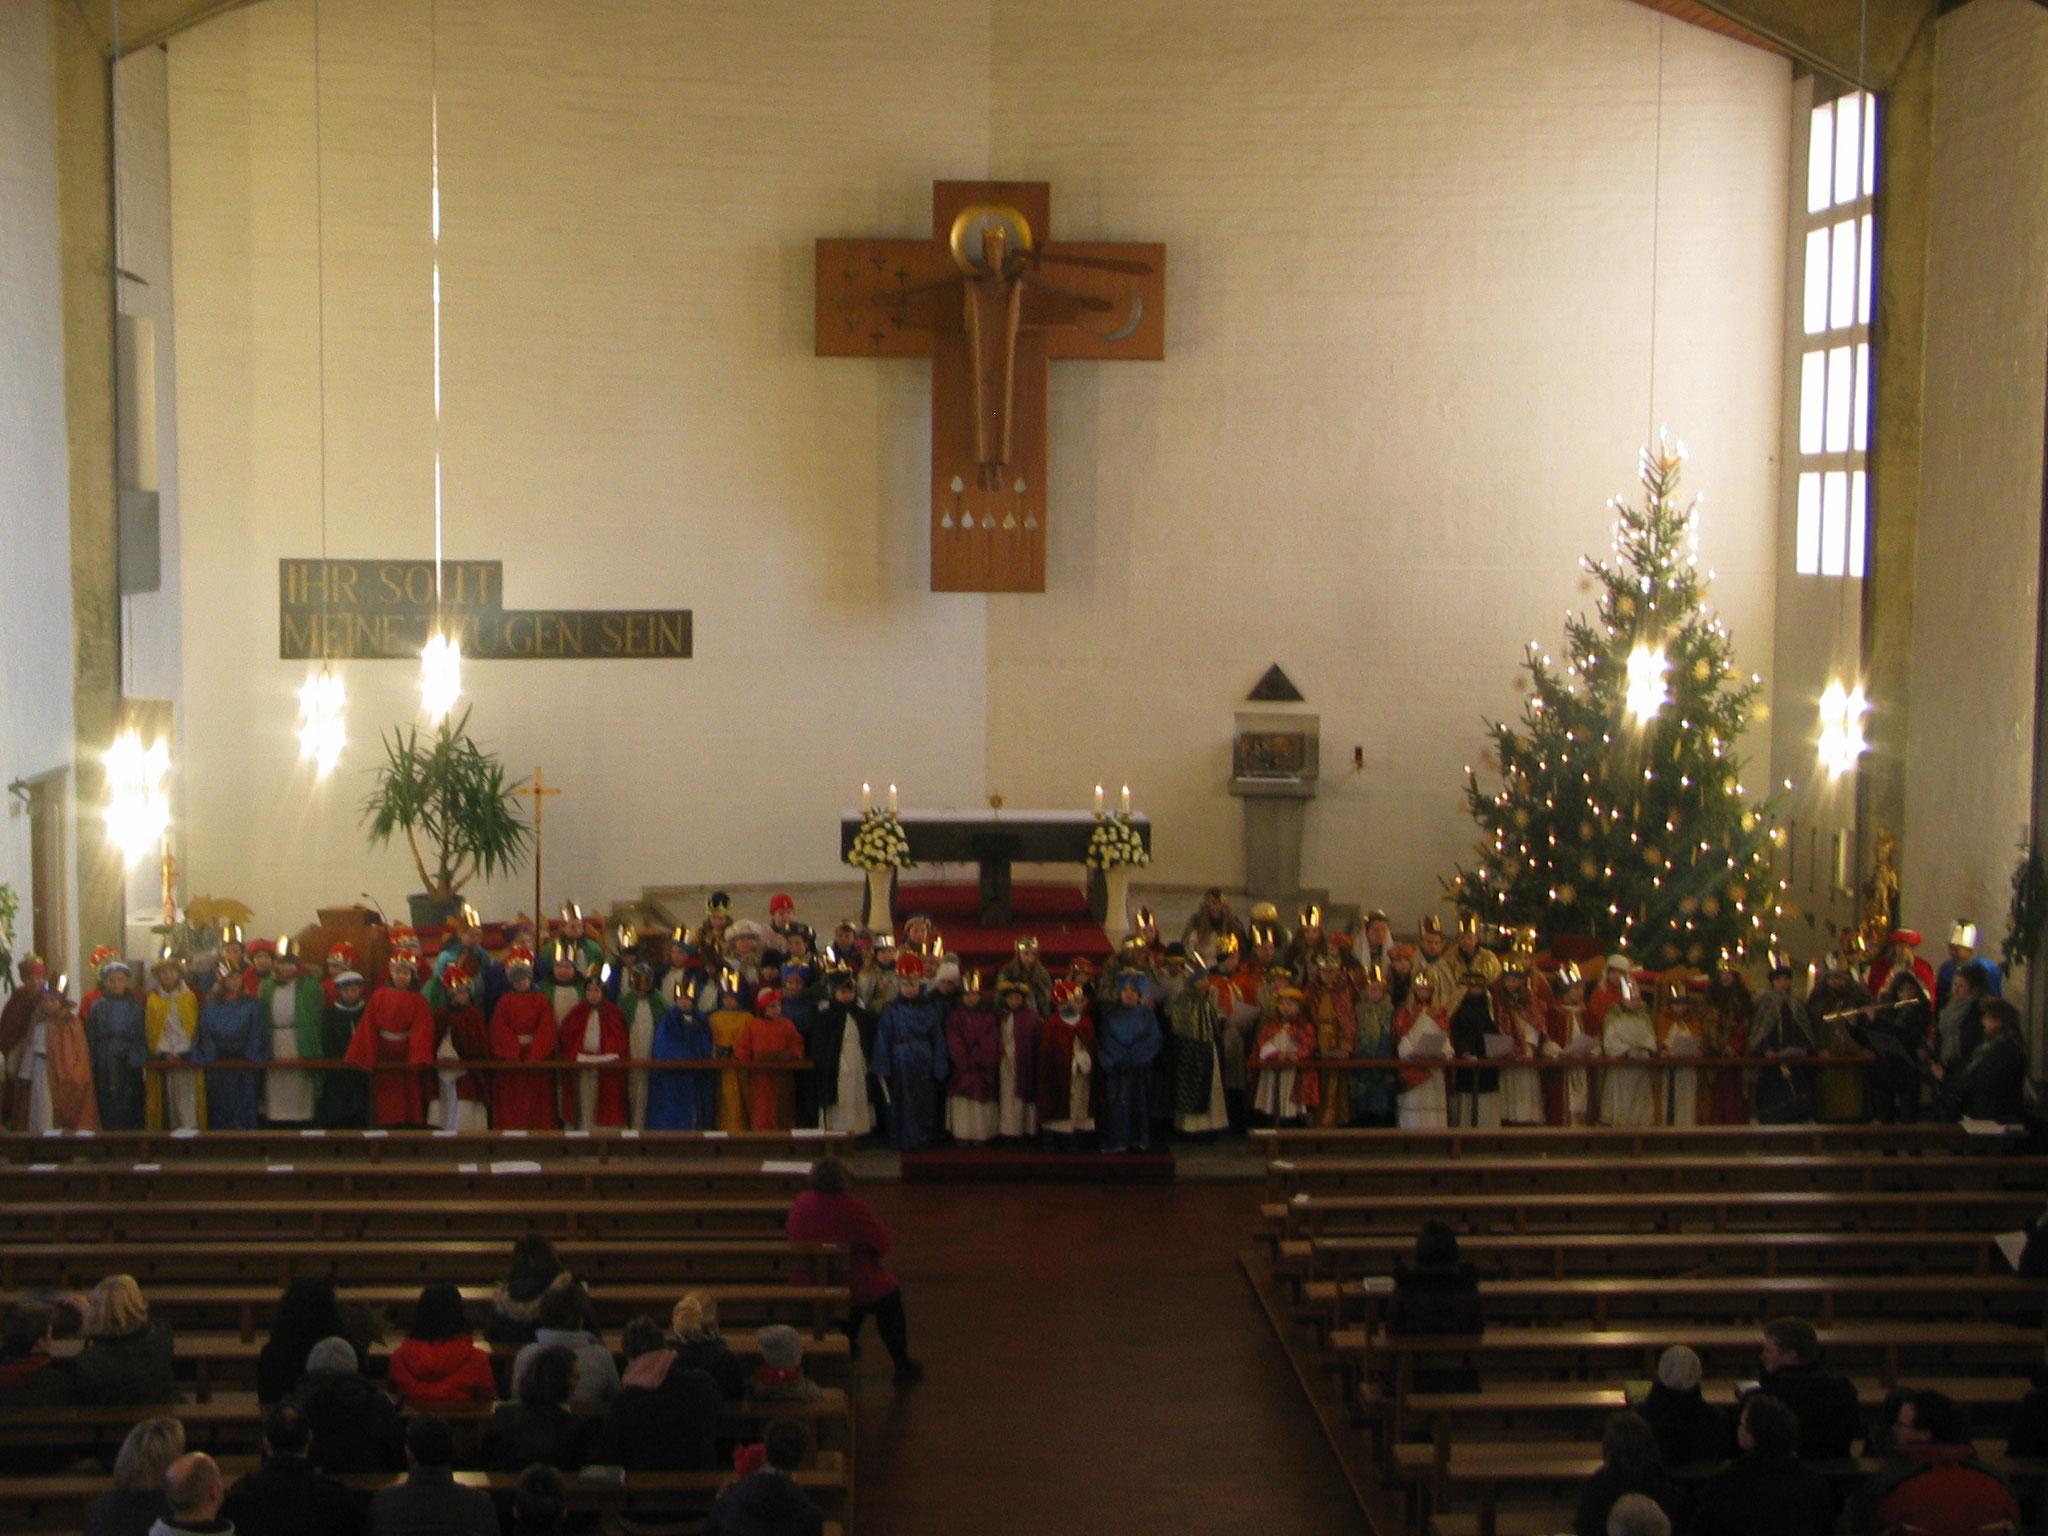 Aus der Pfarreiengemeinschaft nahmen rund 120 Sternsinger beim Festgottesdienst am Dreikönigstag in der Christkönigskirche in Nordendorf teil